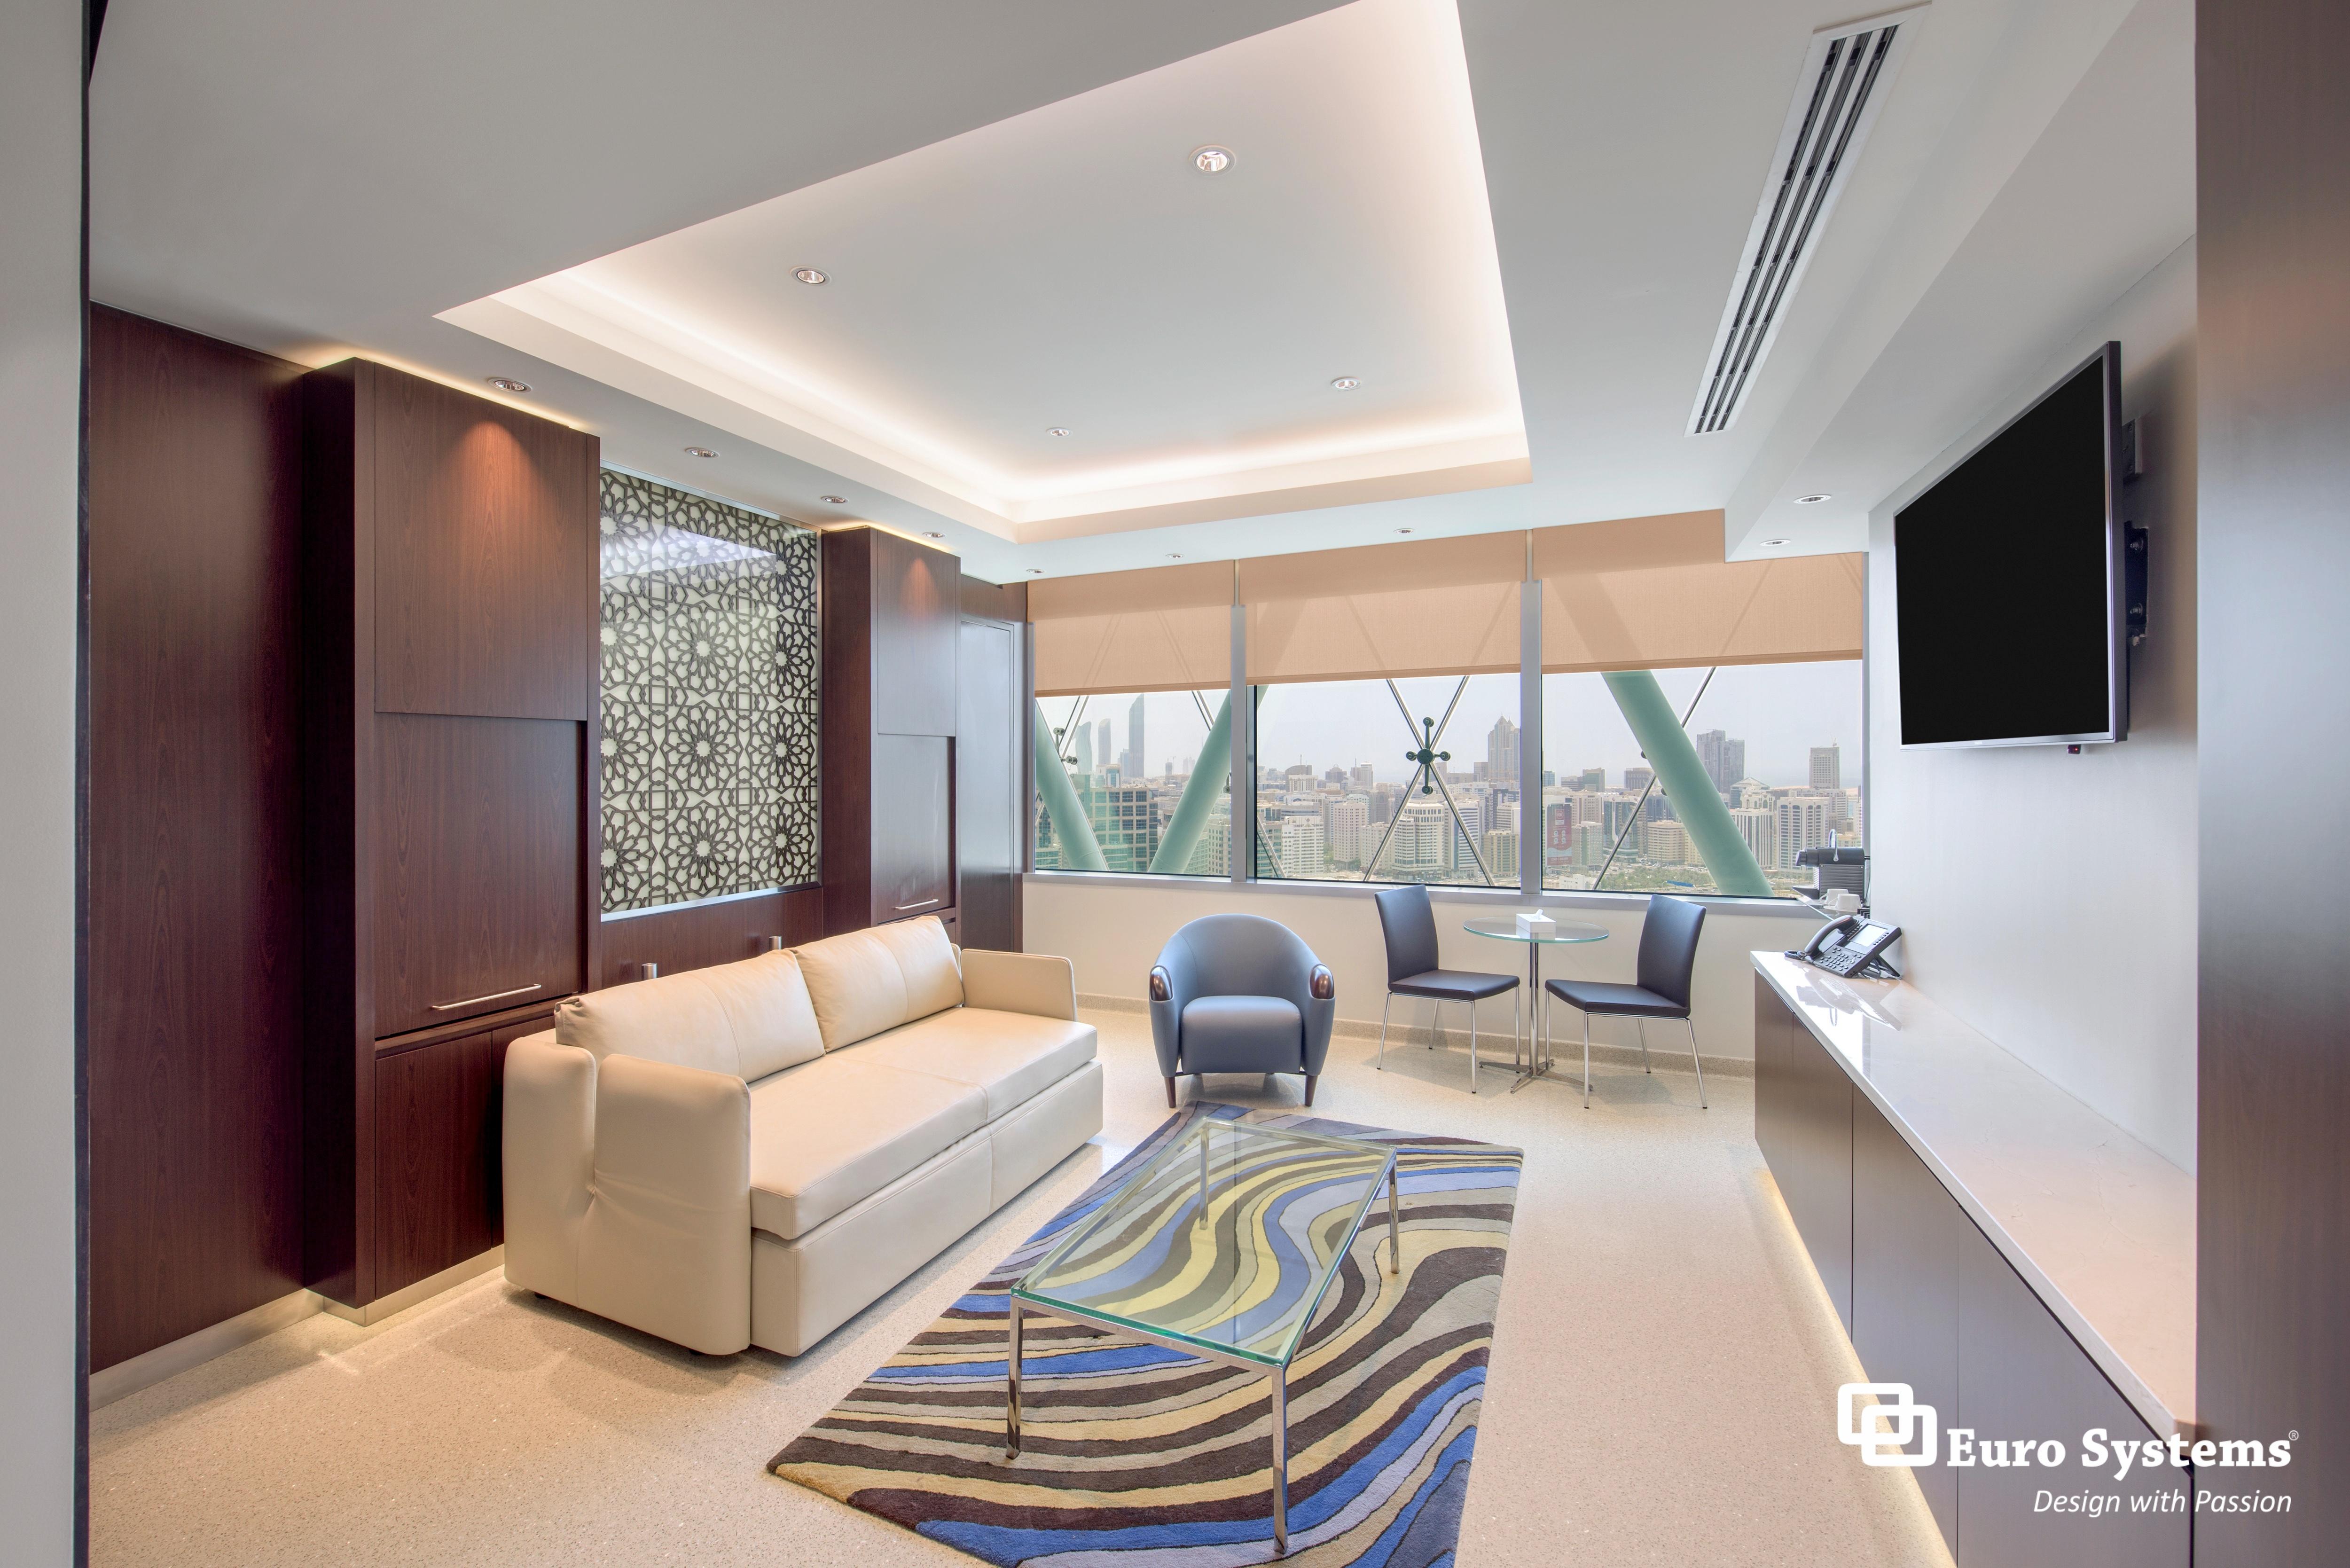 Cleveland Clinic | Euro Systems Dubai, UAE